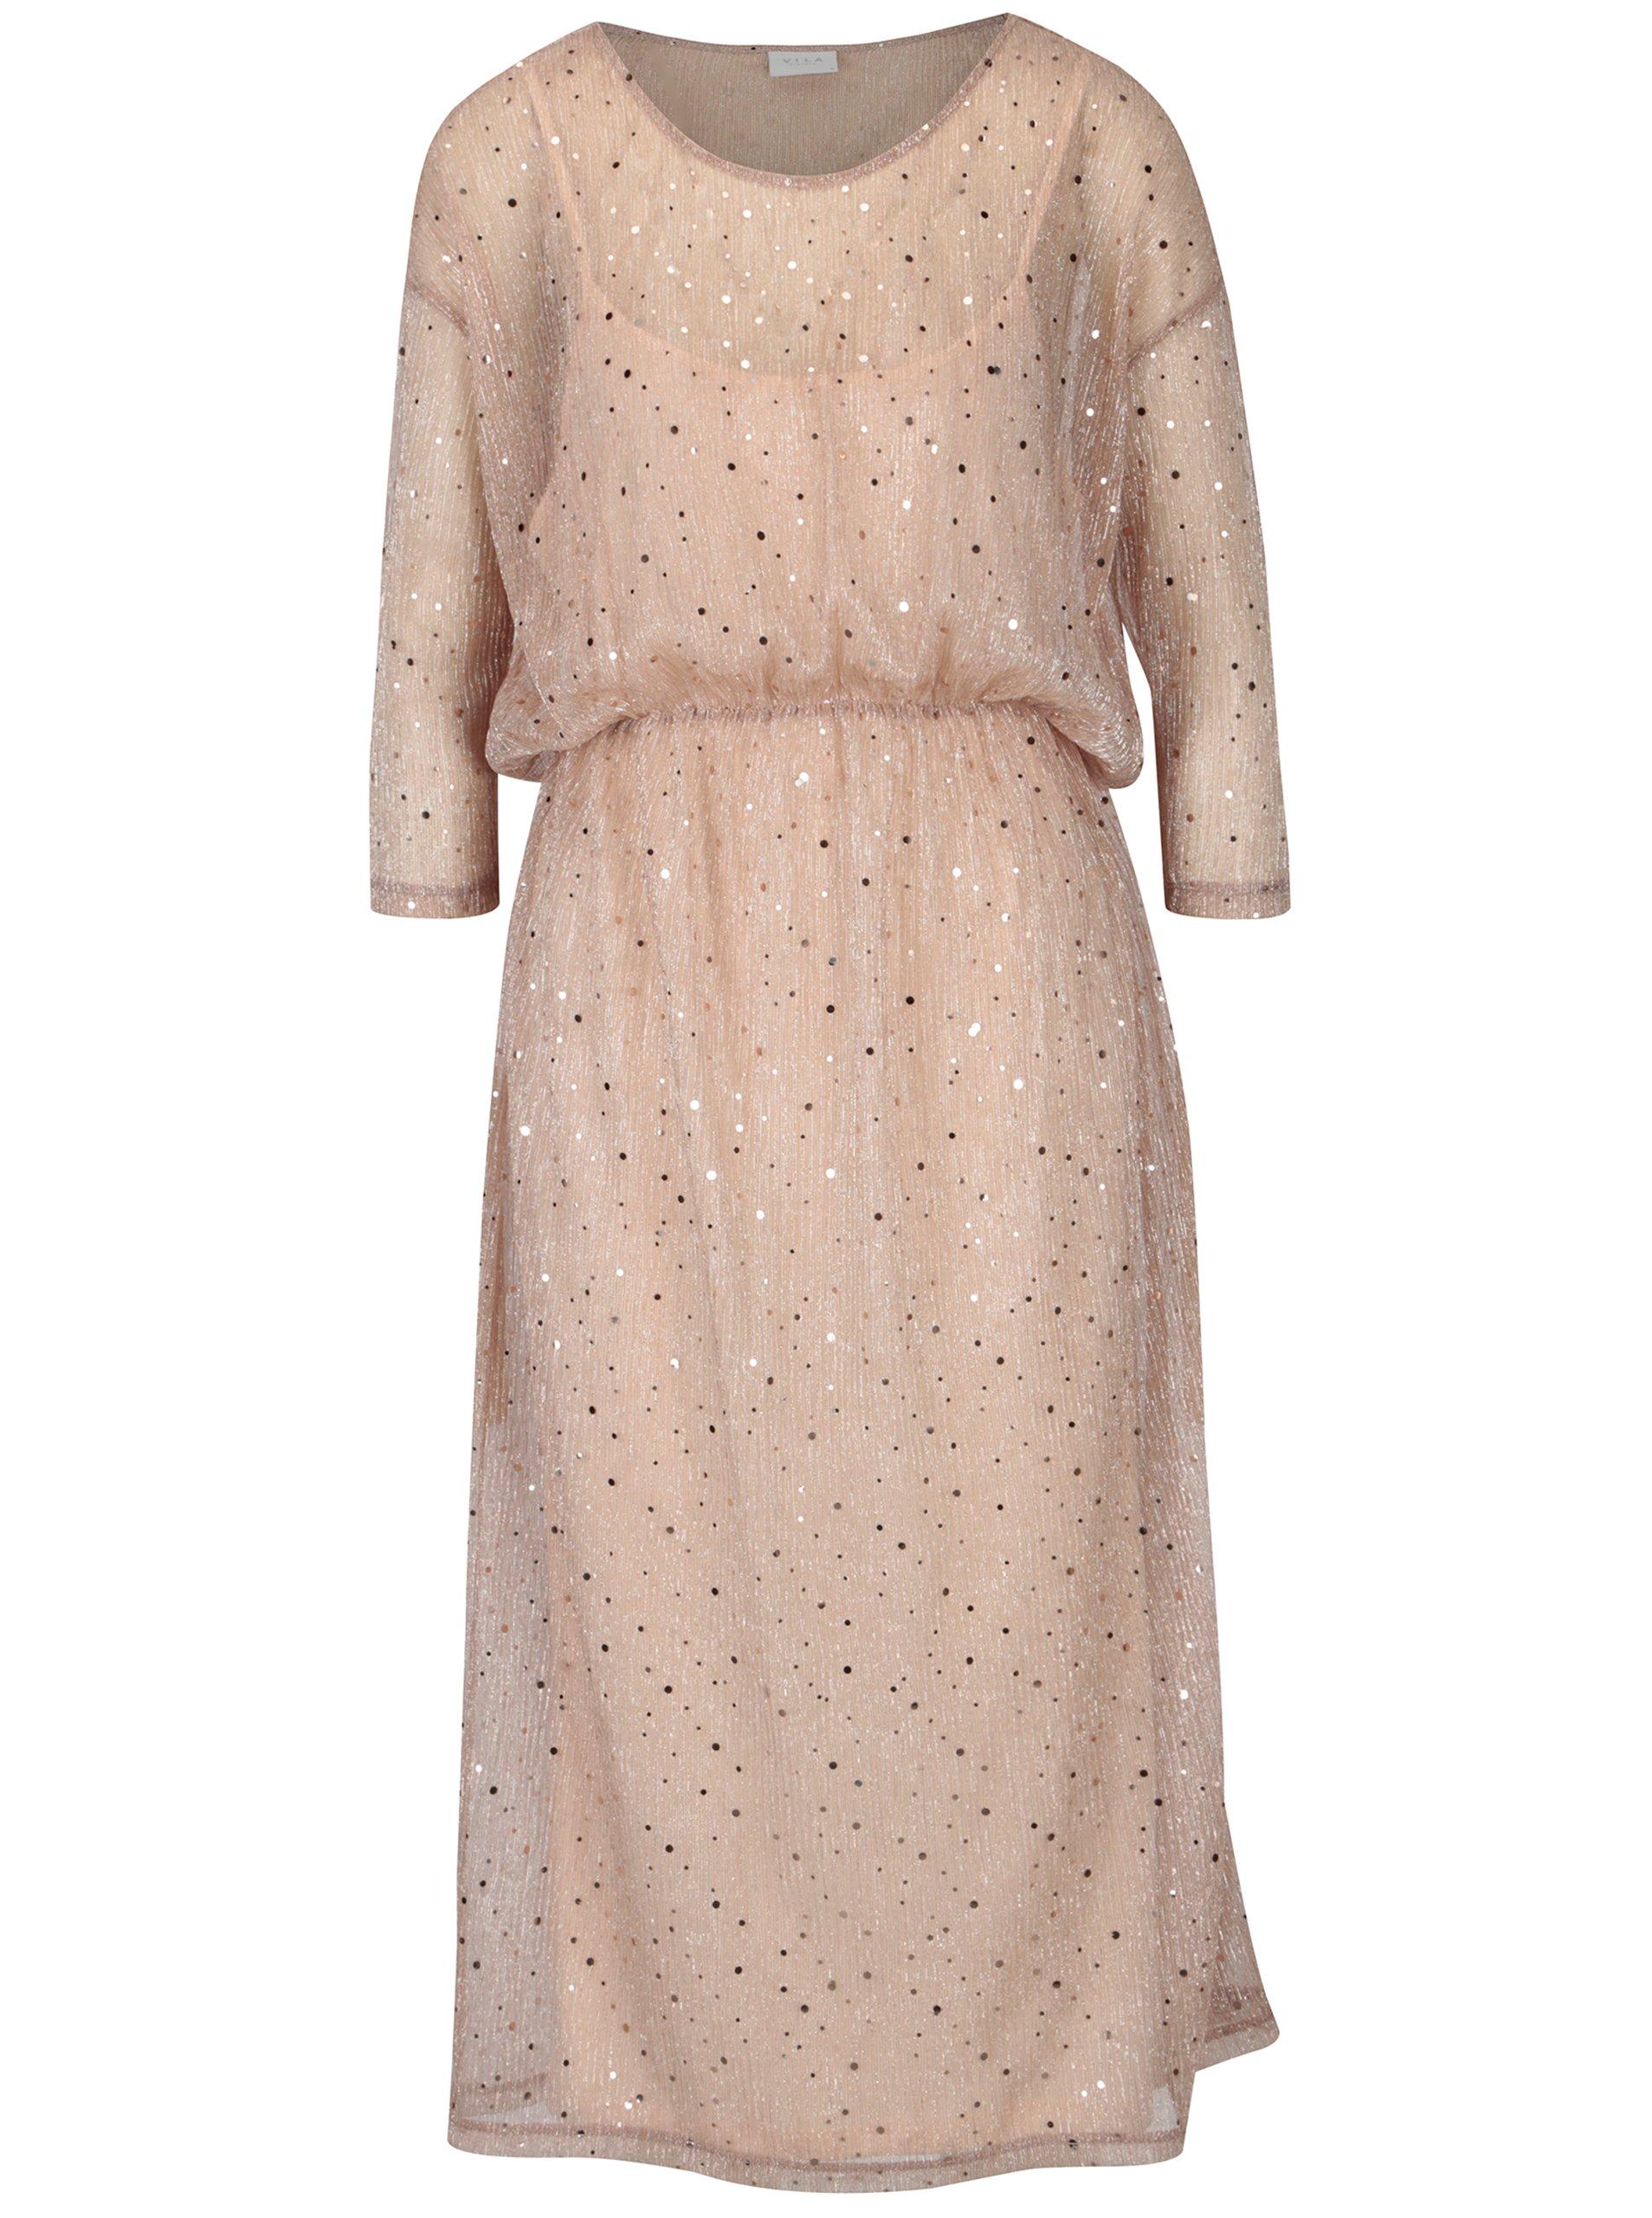 Starorůžové šaty s flitry 2v1 VILA Kyle